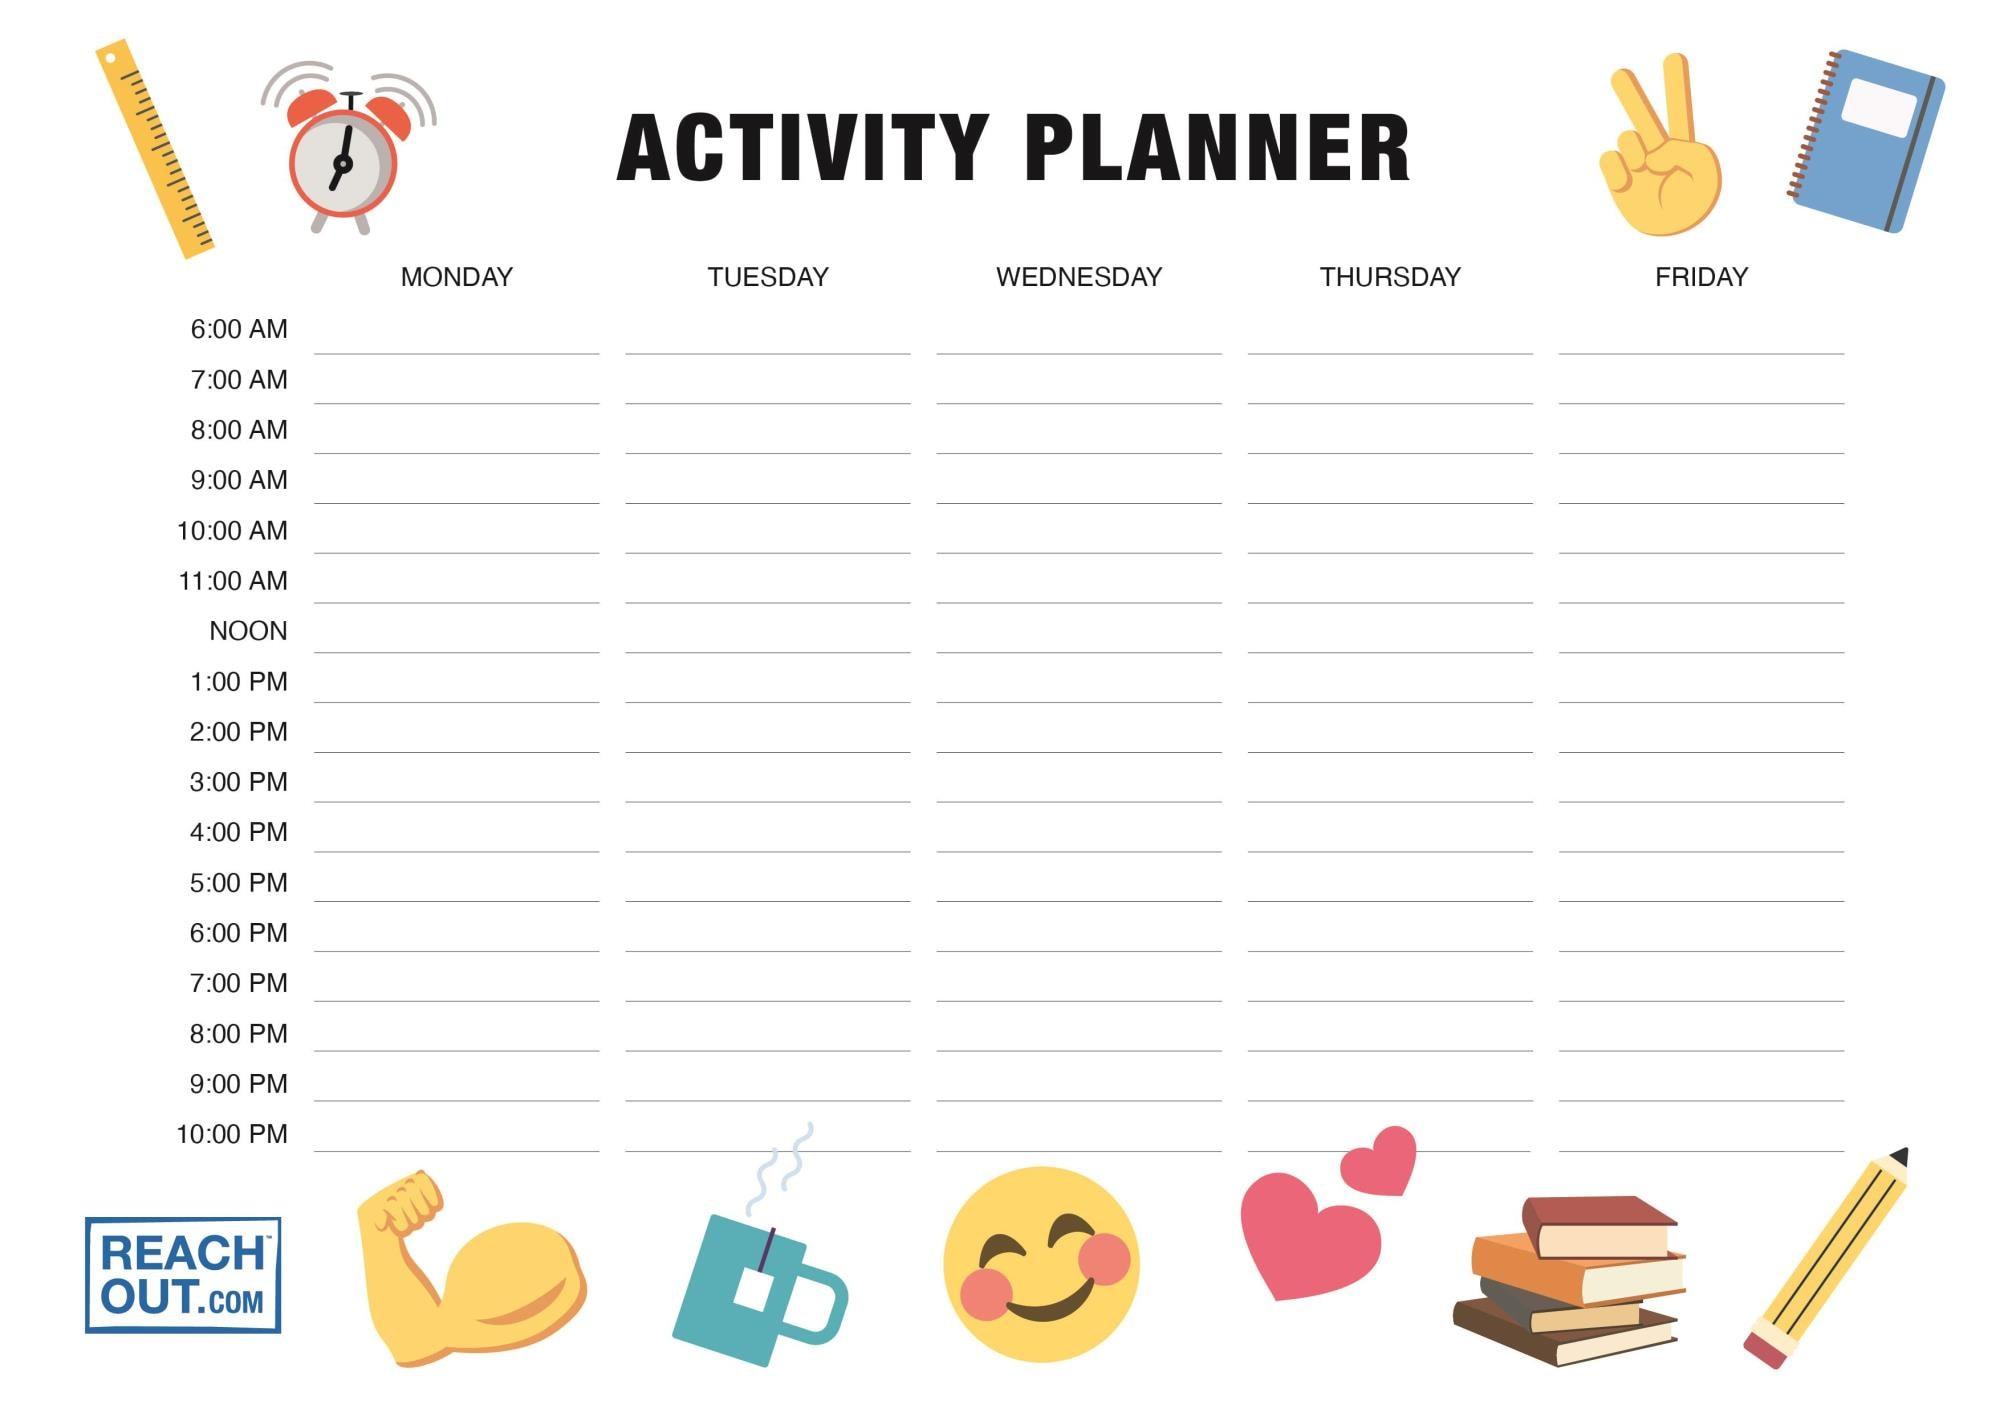 RO00_Schedule_Activity